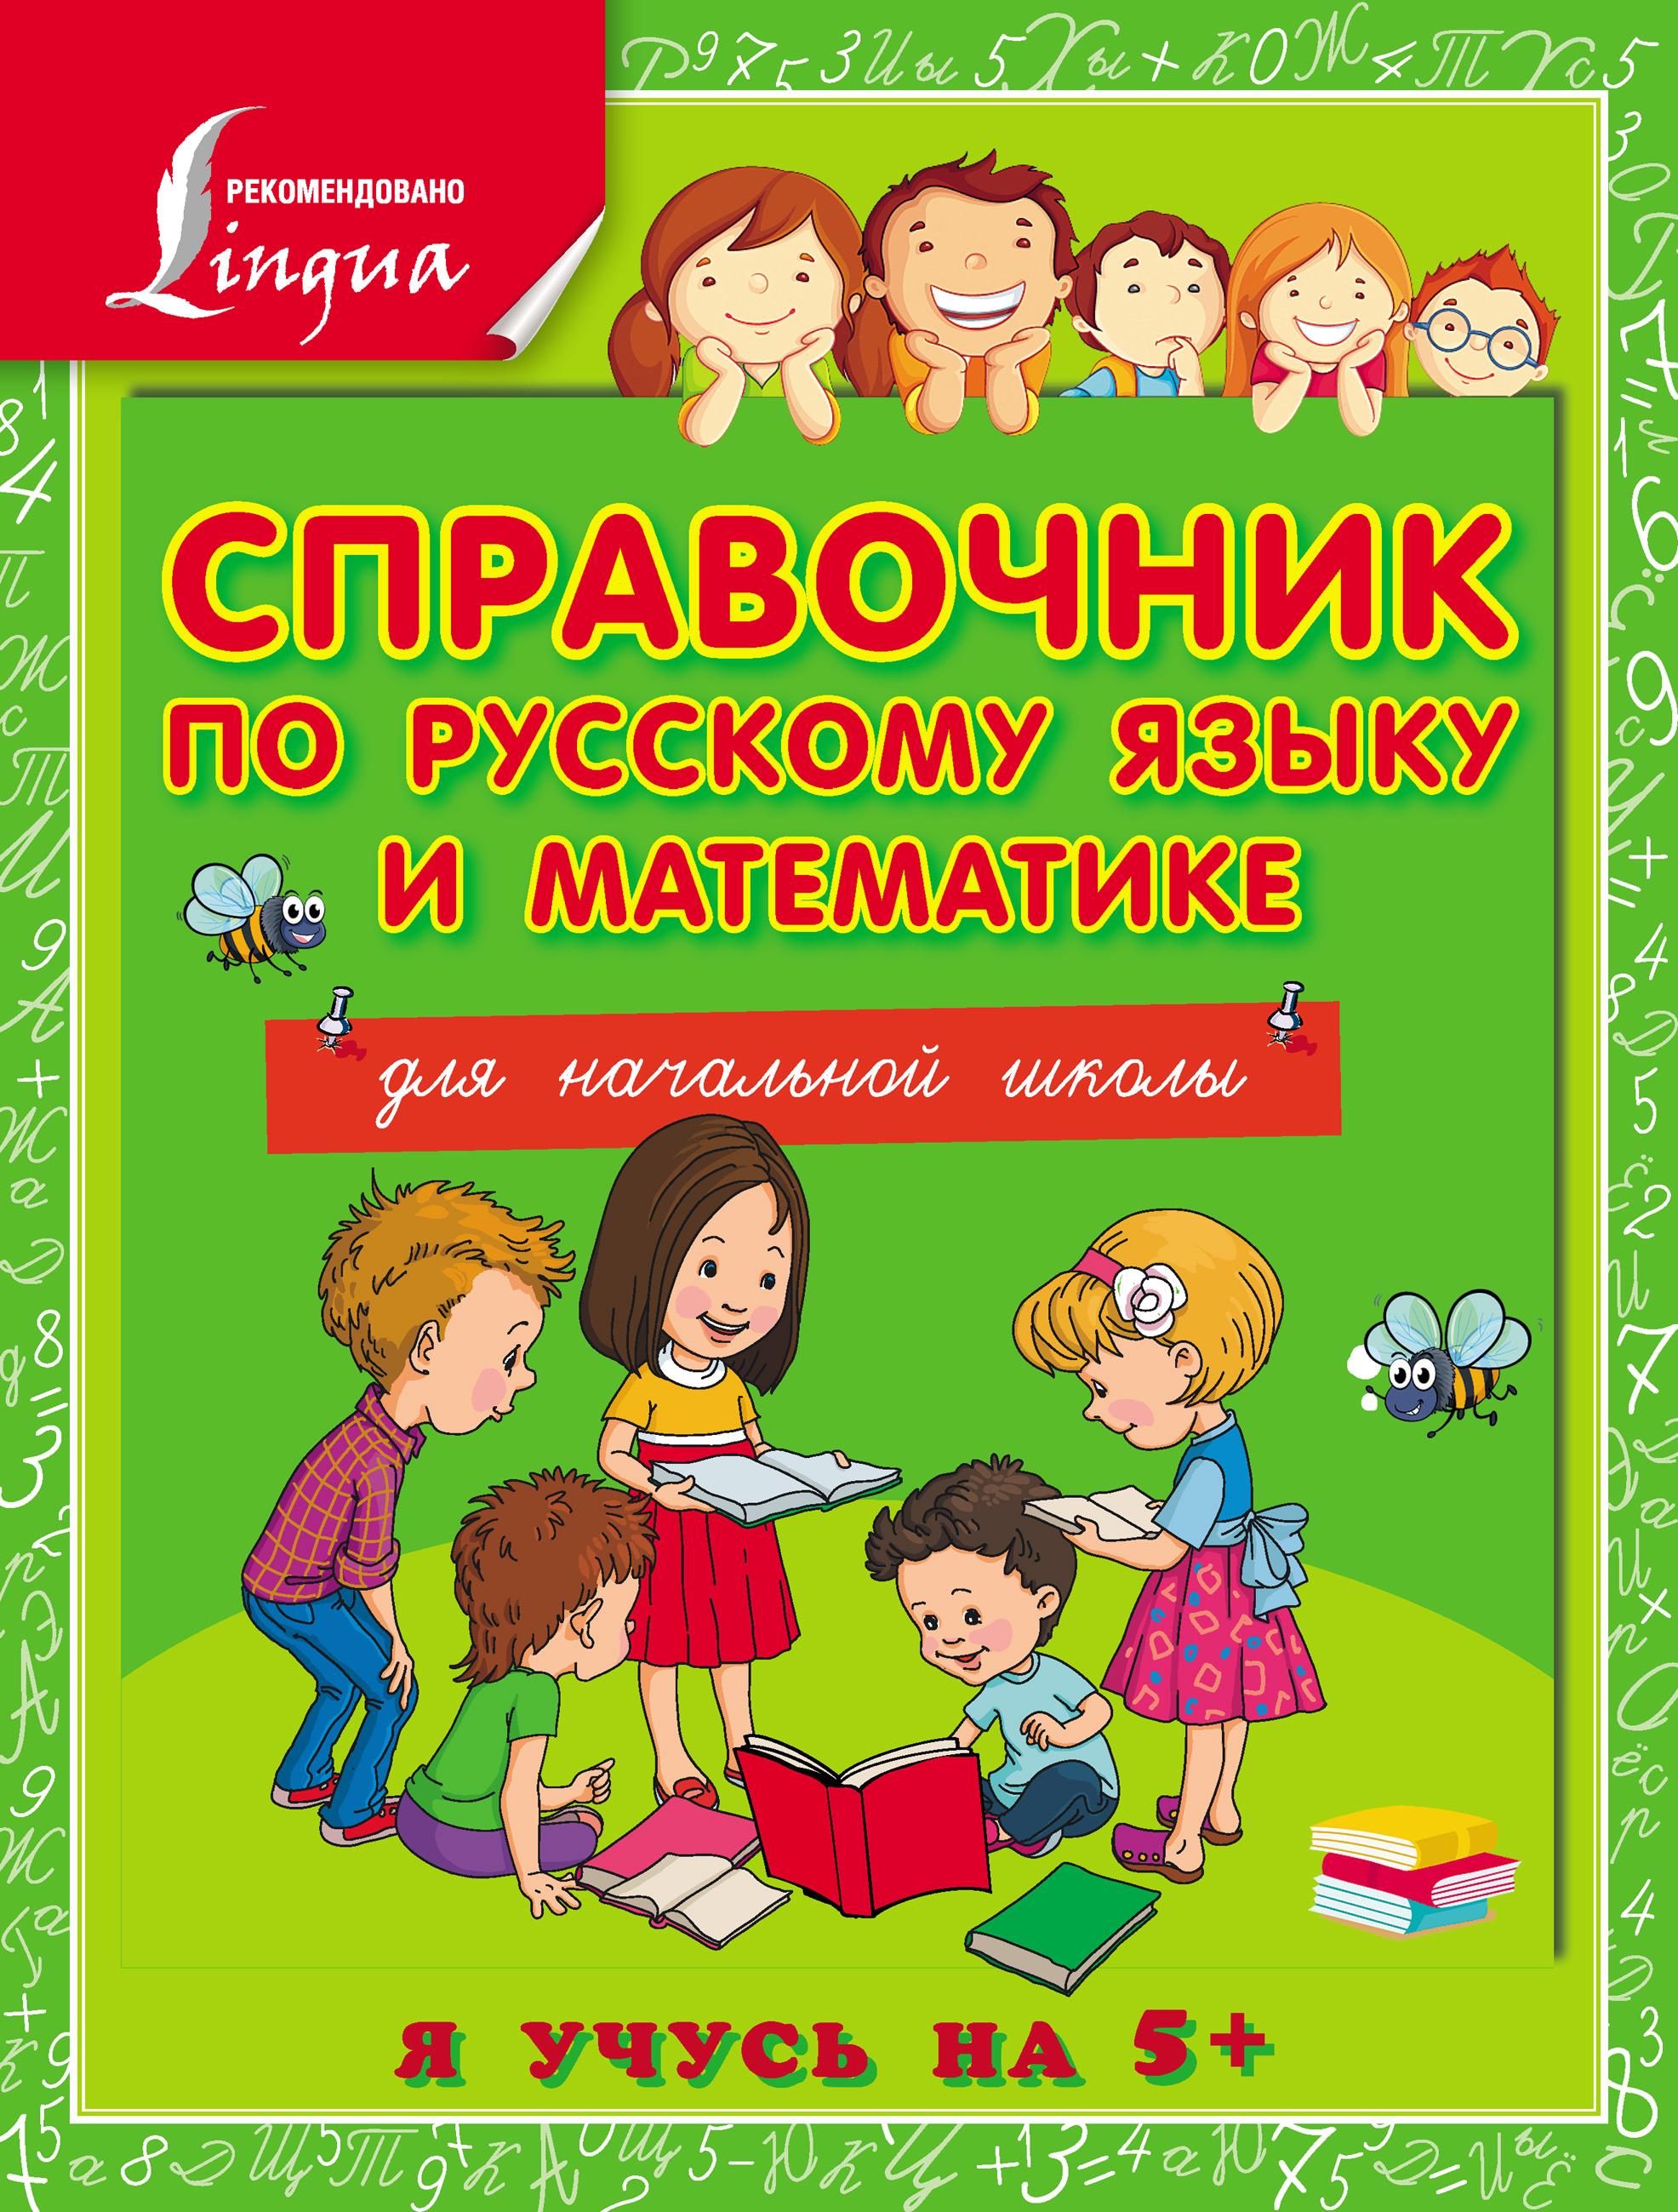 Анна Круглова Справочник по русскому языку и математике для начальной школы